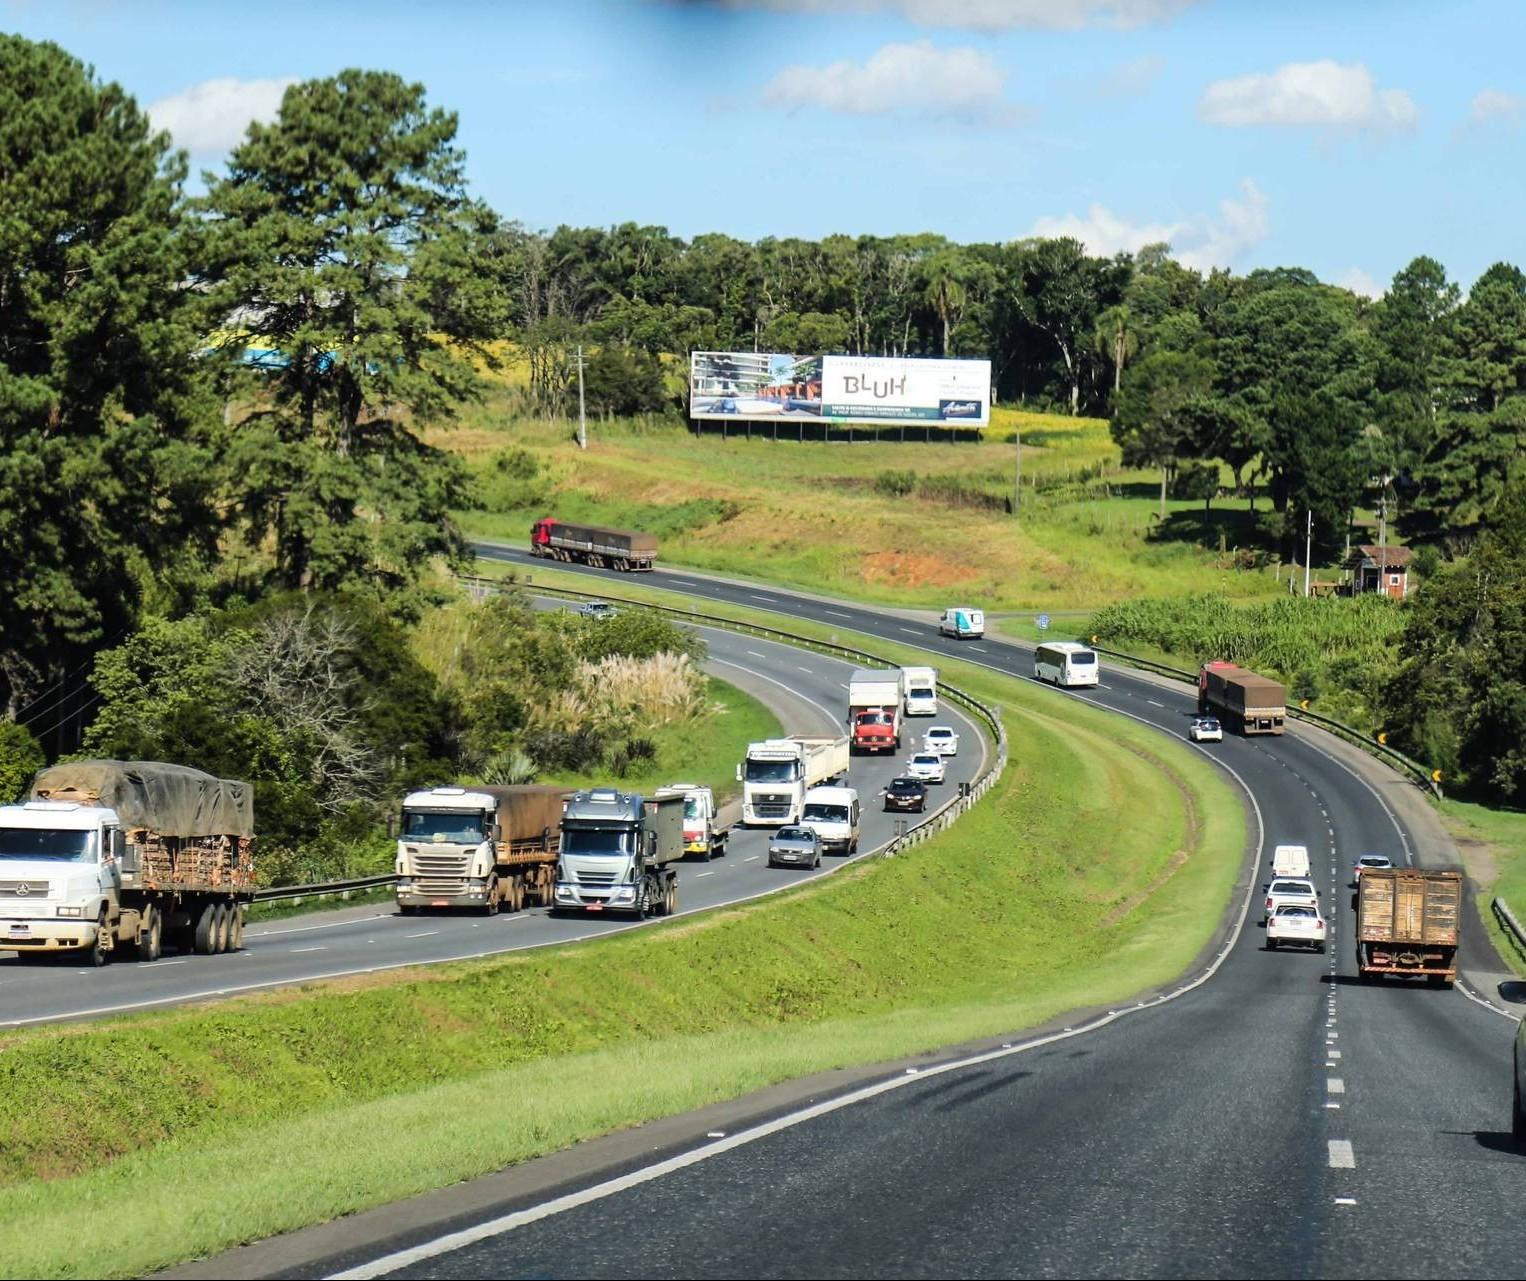 Rodovias ficarão 8 meses sem concessão; como fica a manutenção?